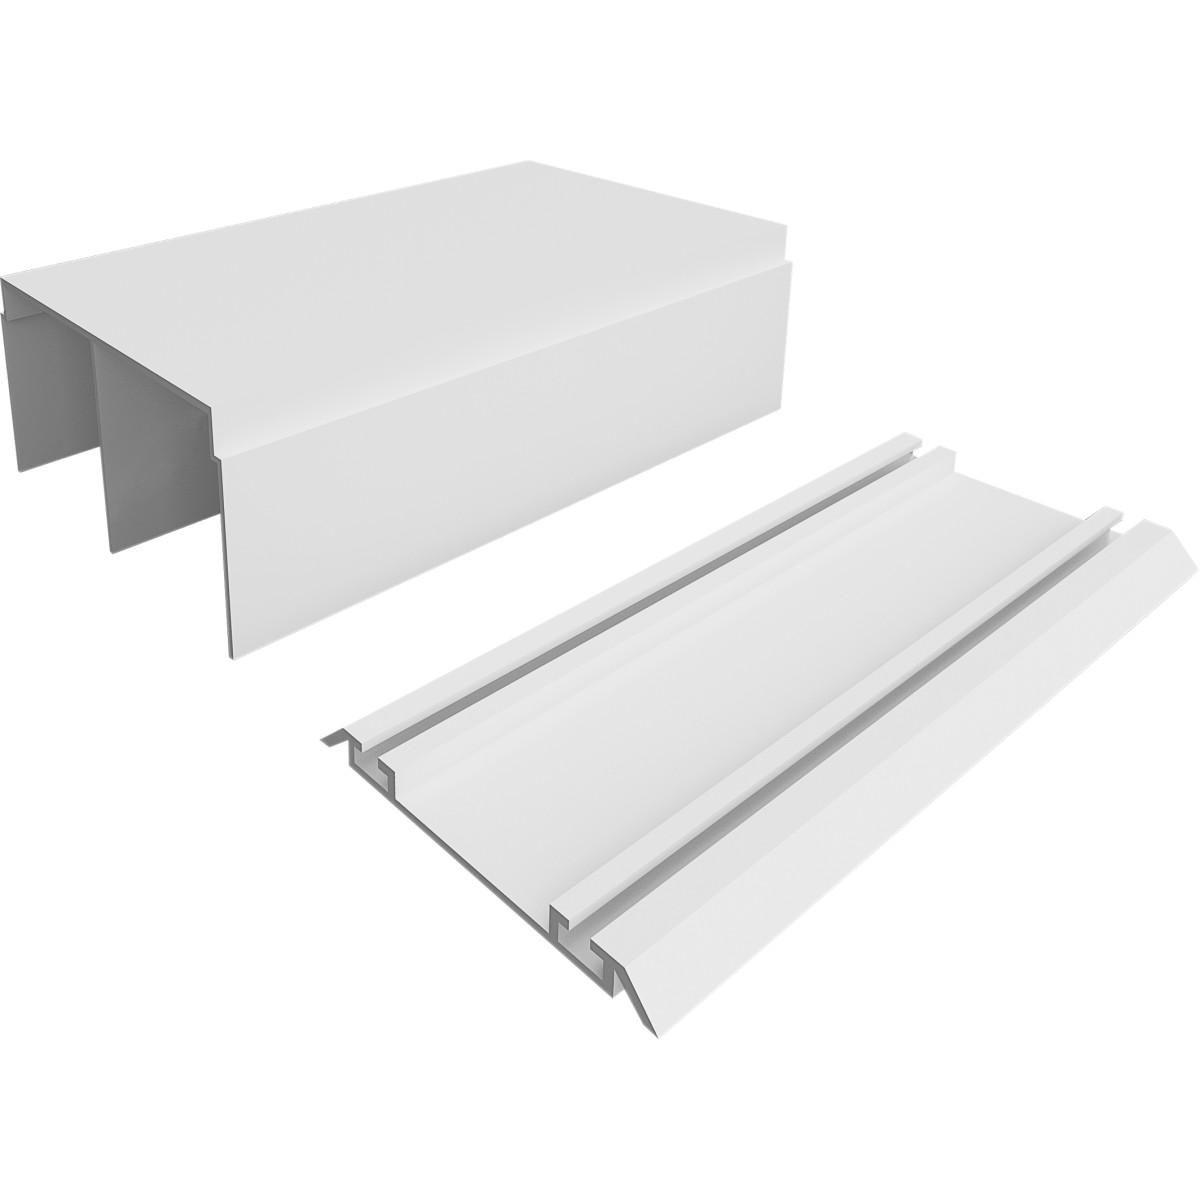 Комплект направляющих Spaceo 1383 мм цвет белый